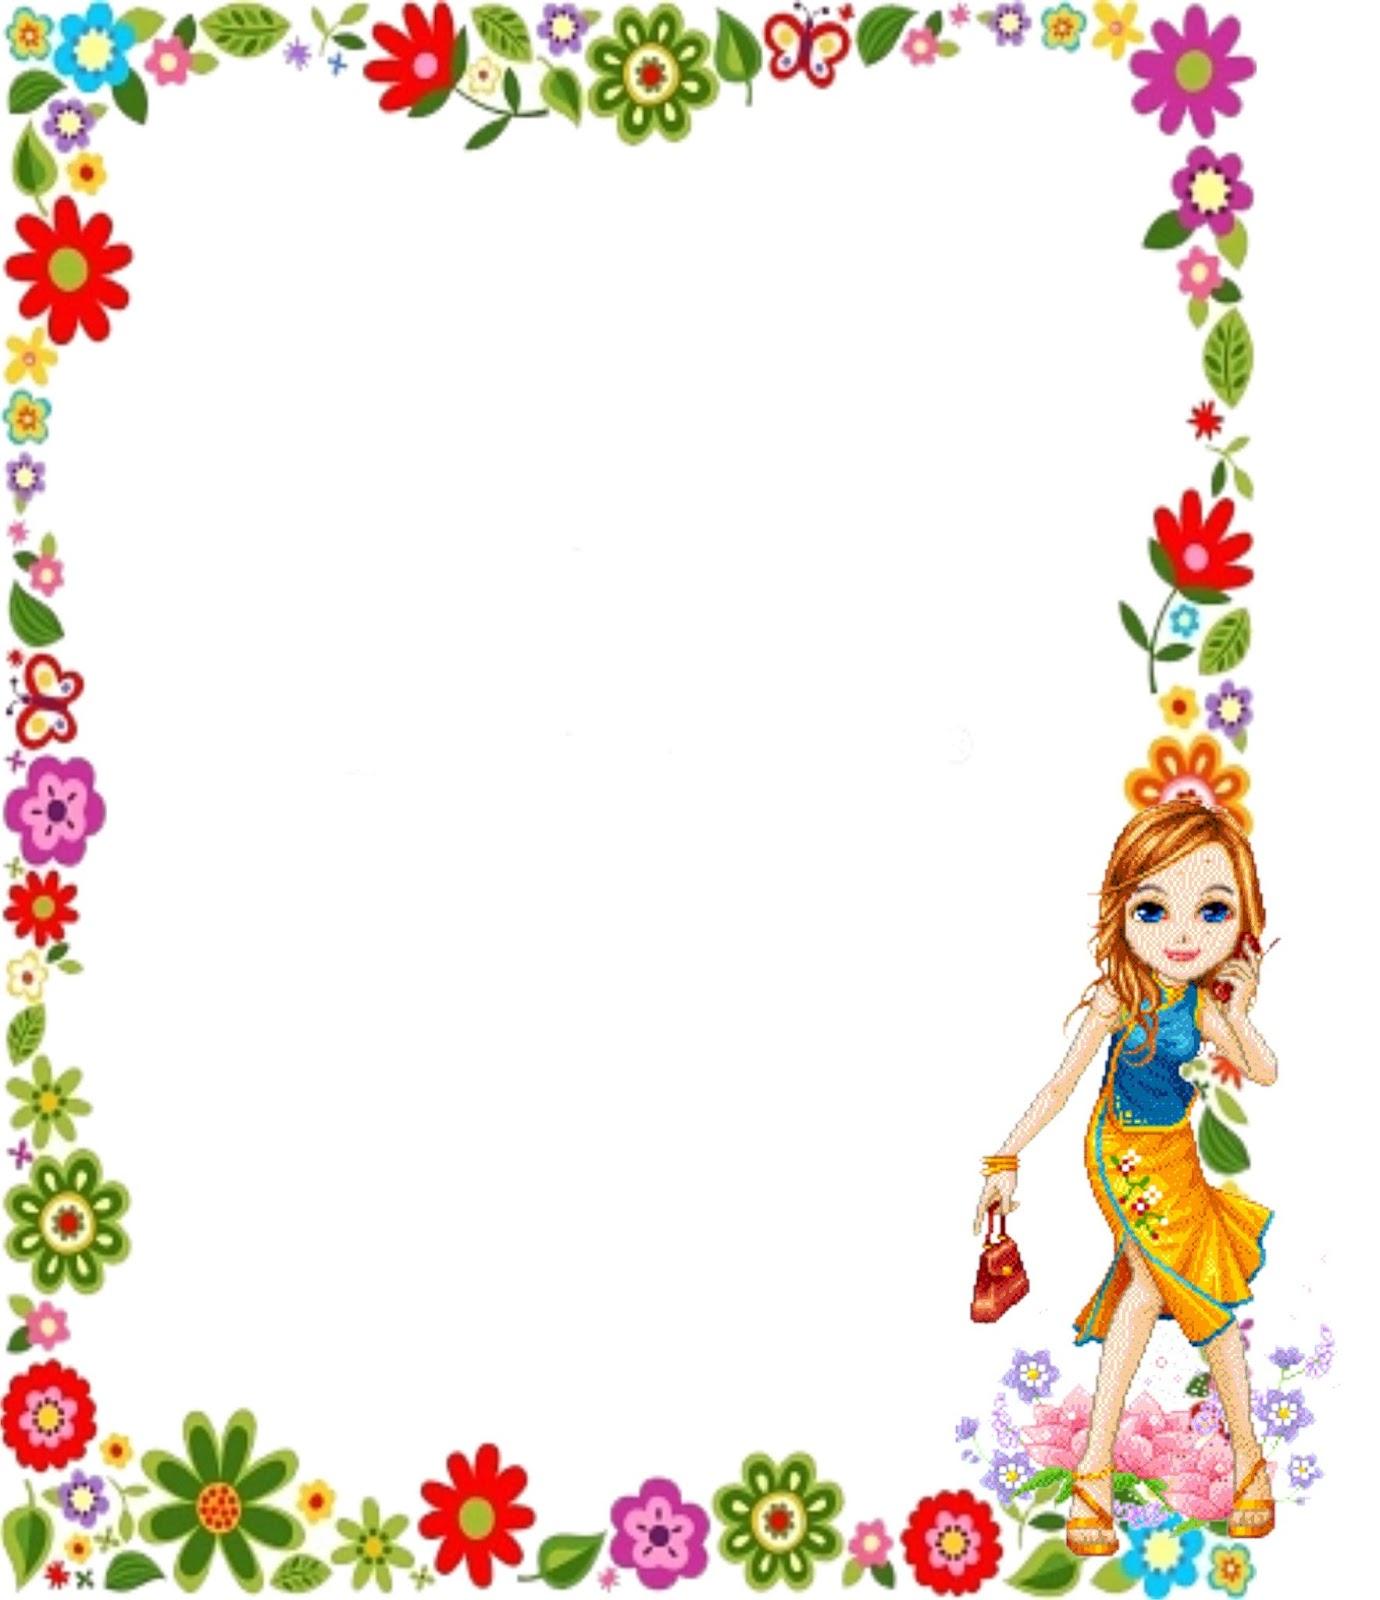 Dibujos animados - escuelacincodemayo.blogspot.com